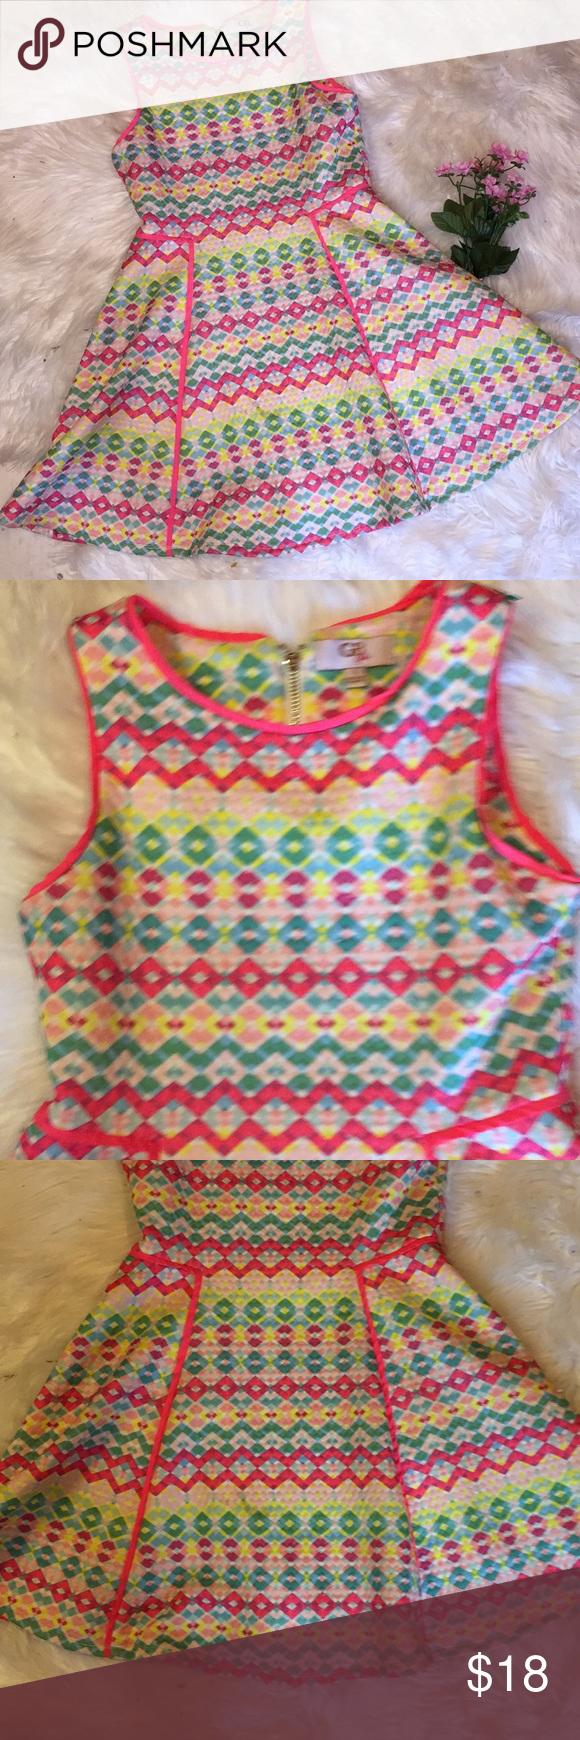 e2c96b4f27b GB Girls Summer Twirl Dress Sz 8 Gianni Bini GB Girls Dress Sz 8 Perfect  dress